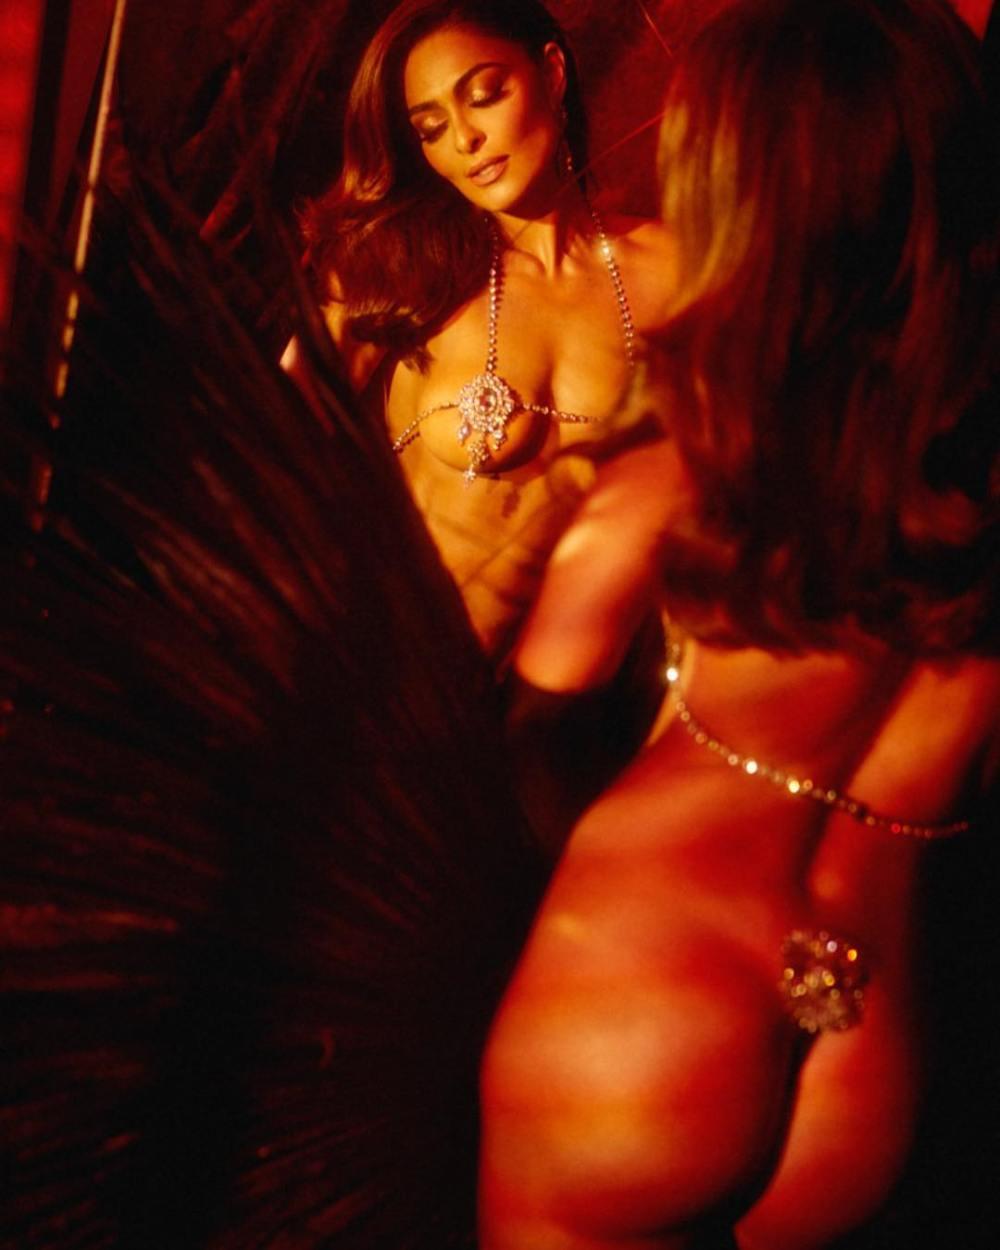 5c3d61b01 Juliana Paes faz temperatura subir em ensaio sensual (Foto  Reprodução  Instagram)